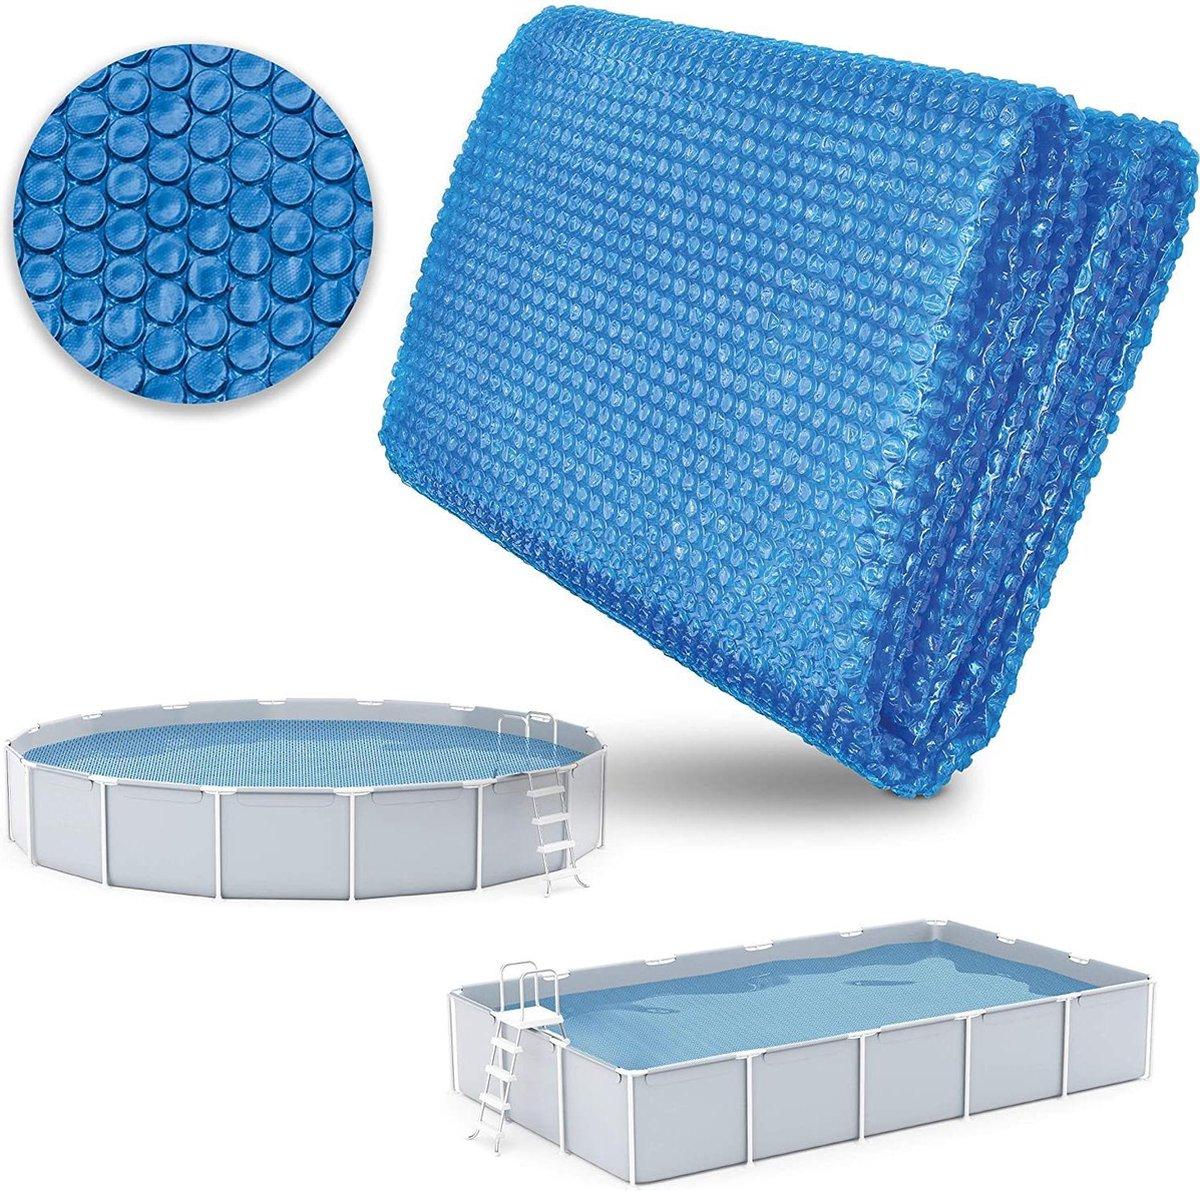 Sens Design Afdekzeil Zwembad - Zwembadzeil - solar - rond - Ø 427cm